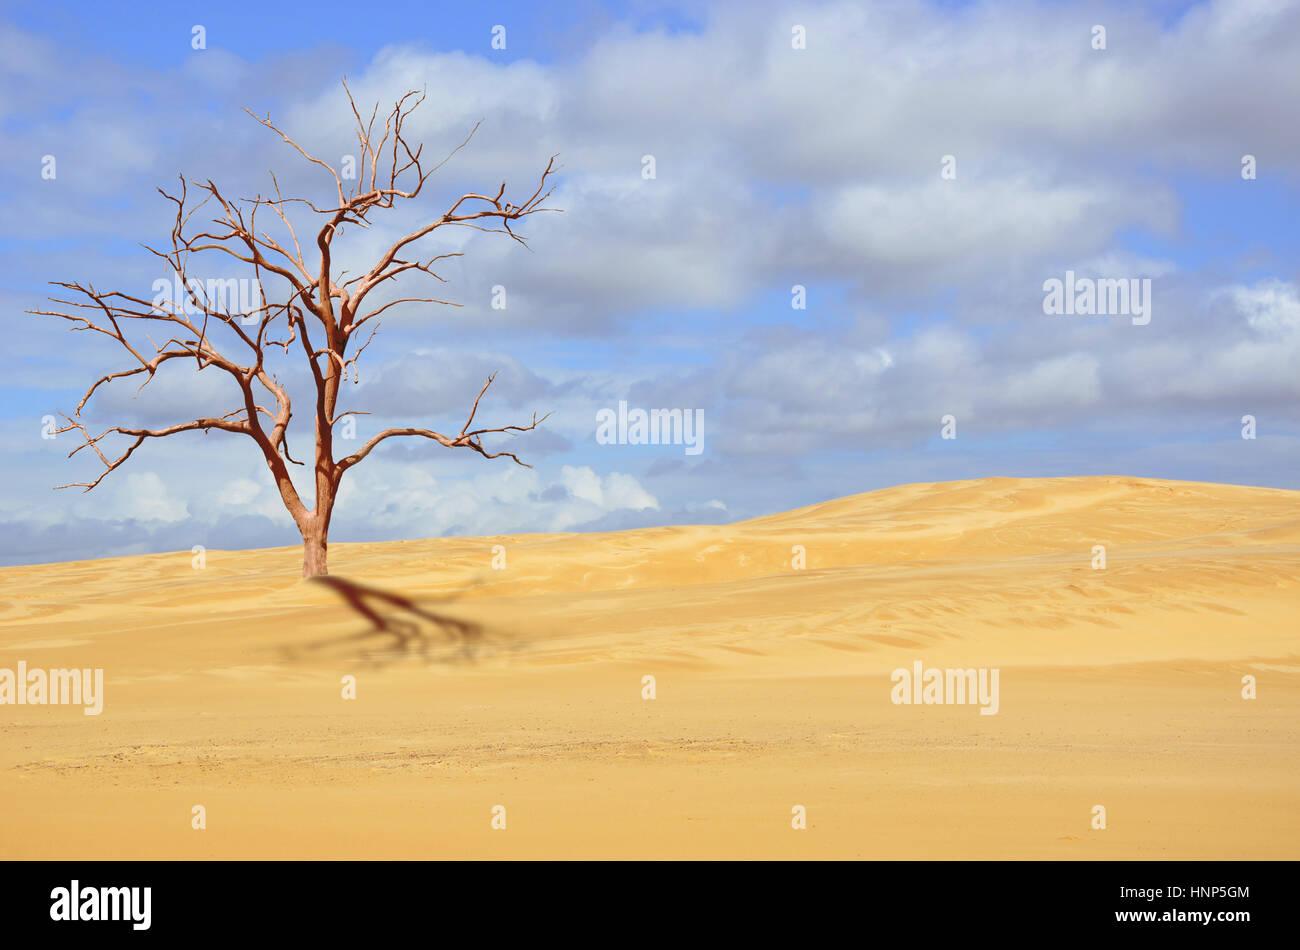 Arbre mort dans des dunes de sable désertes sous ciel bleu. La sécheresse, le changement climatique et concepts. Banque D'Images